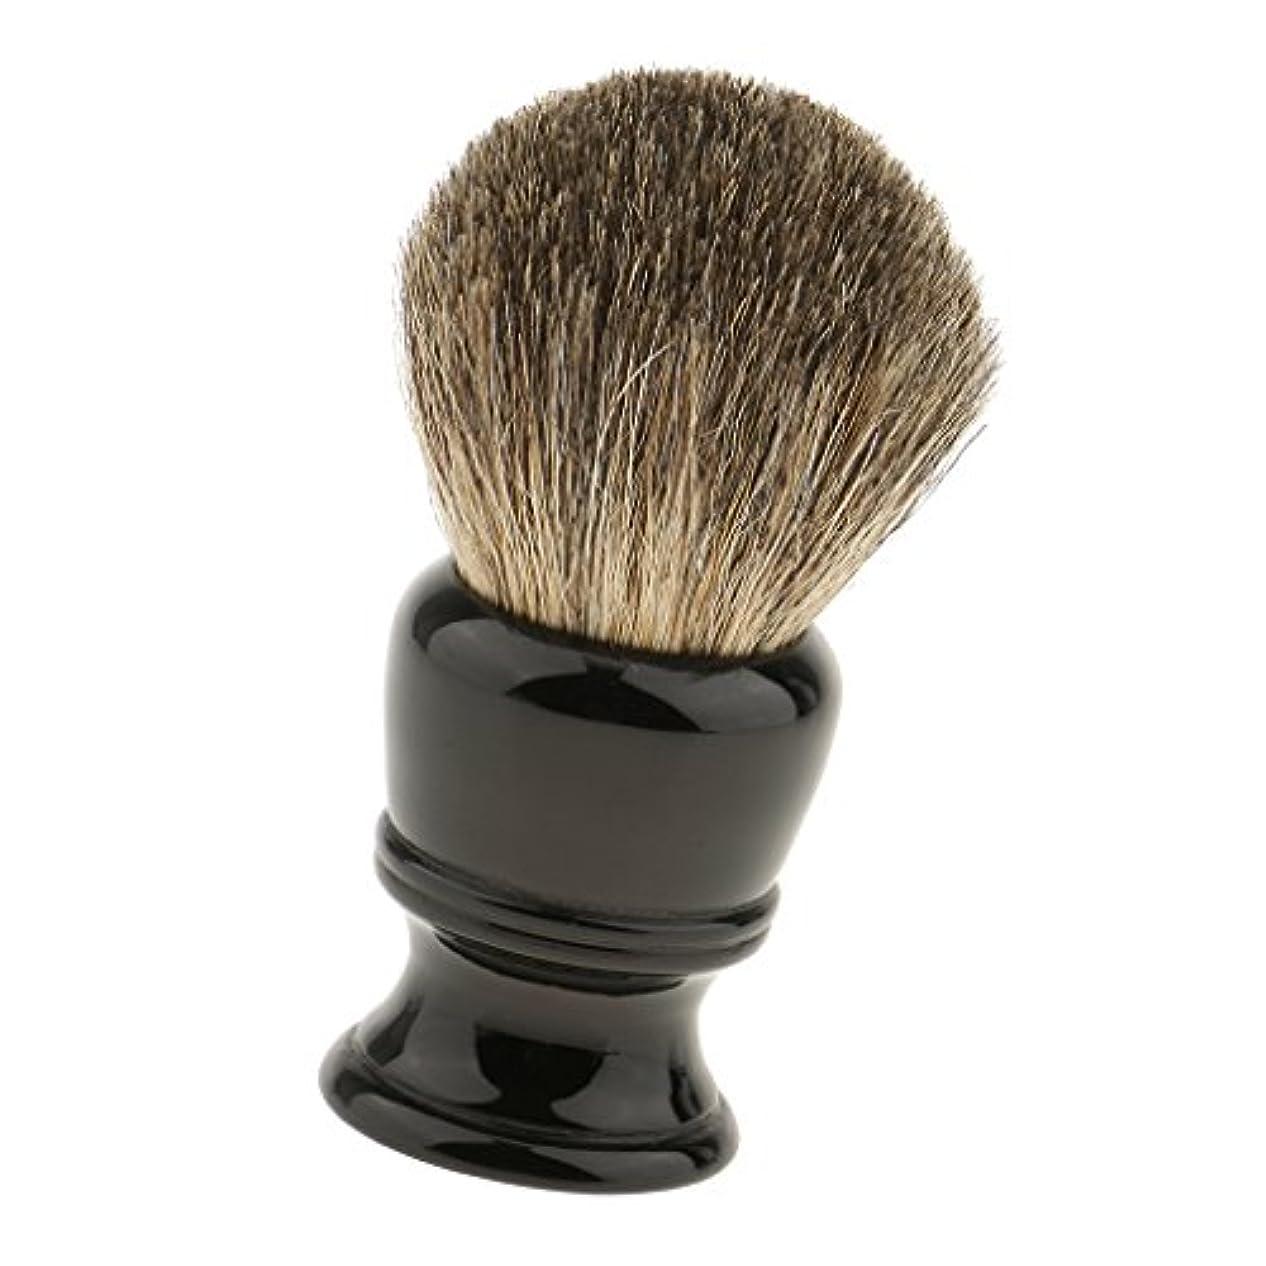 まともなトレーニング便益dailymall 樹脂ハンドルシェービングブラシホーム理容サロンツール旅行ポータブルキットの男性のひげ剃り